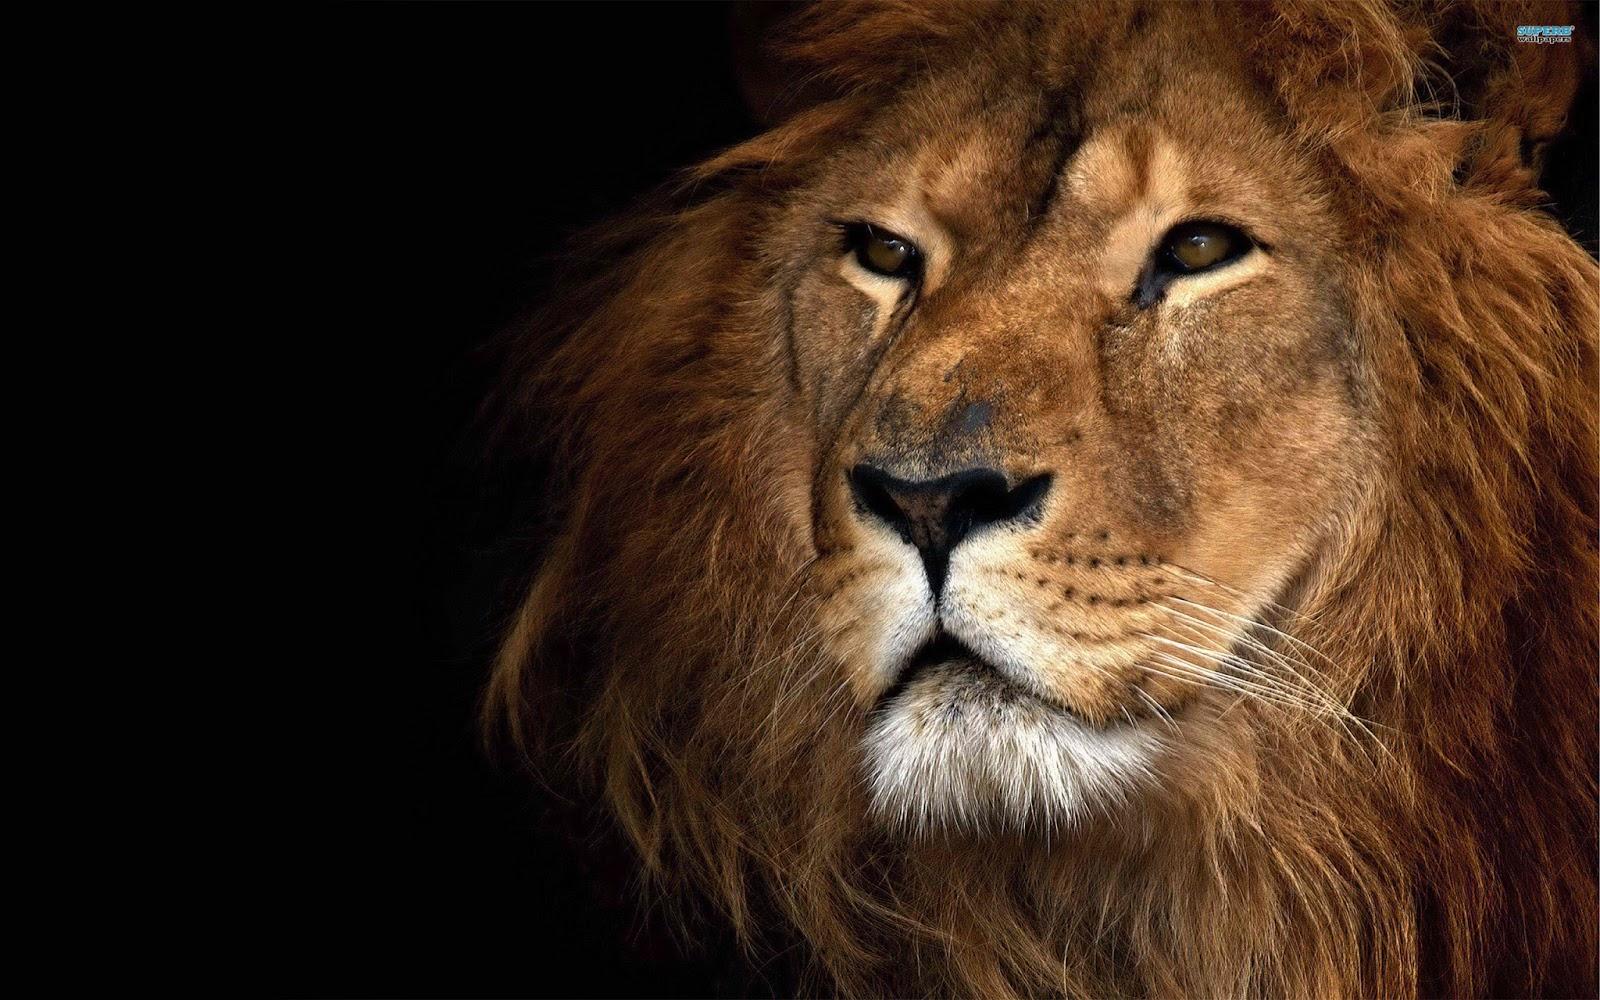 Fond d'écran lion blanc - Fonds d'écran HD